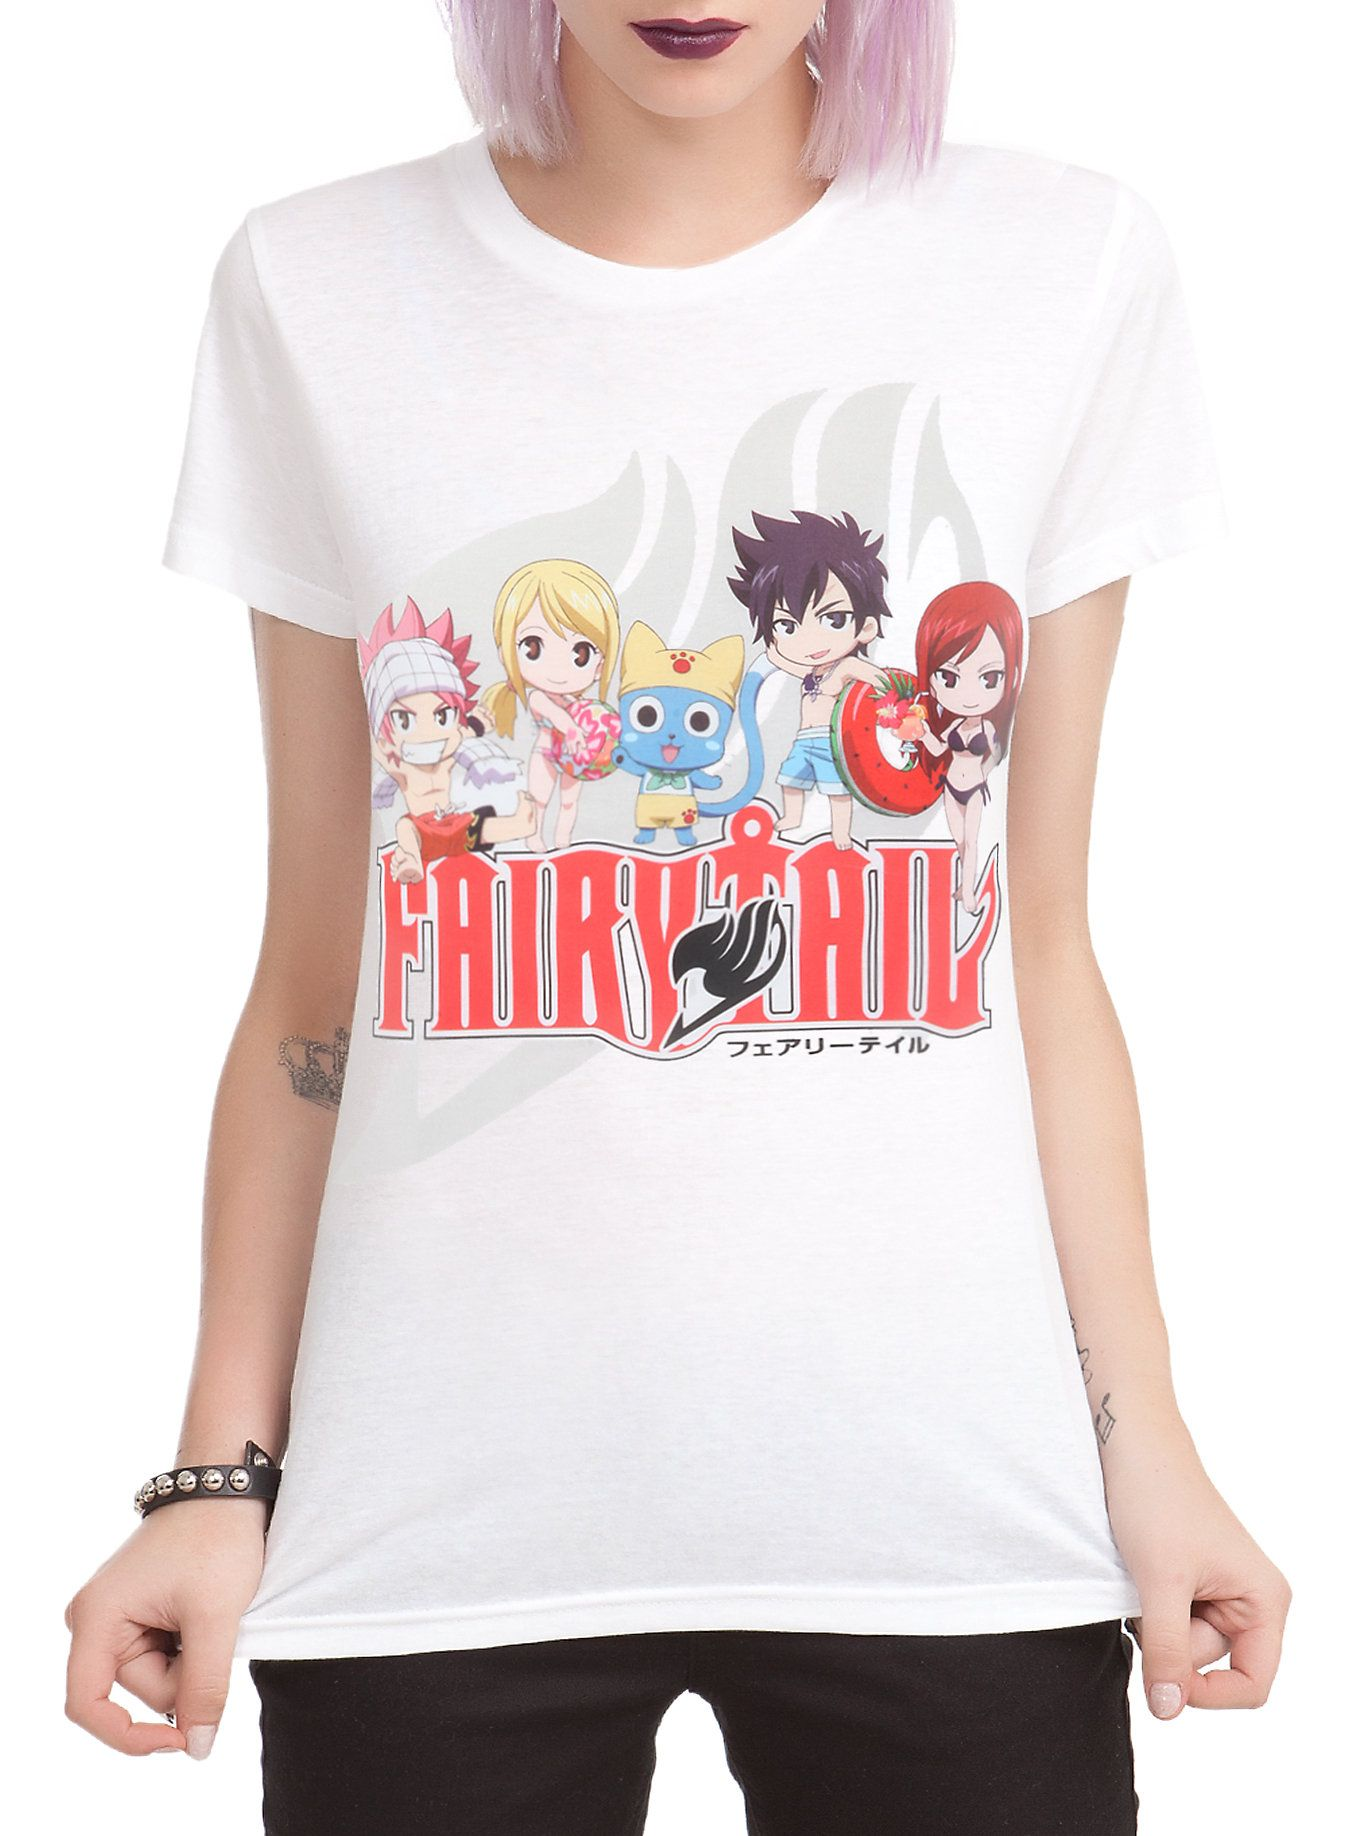 Fairy tail group beach girls tshirt girls tshirts clothes